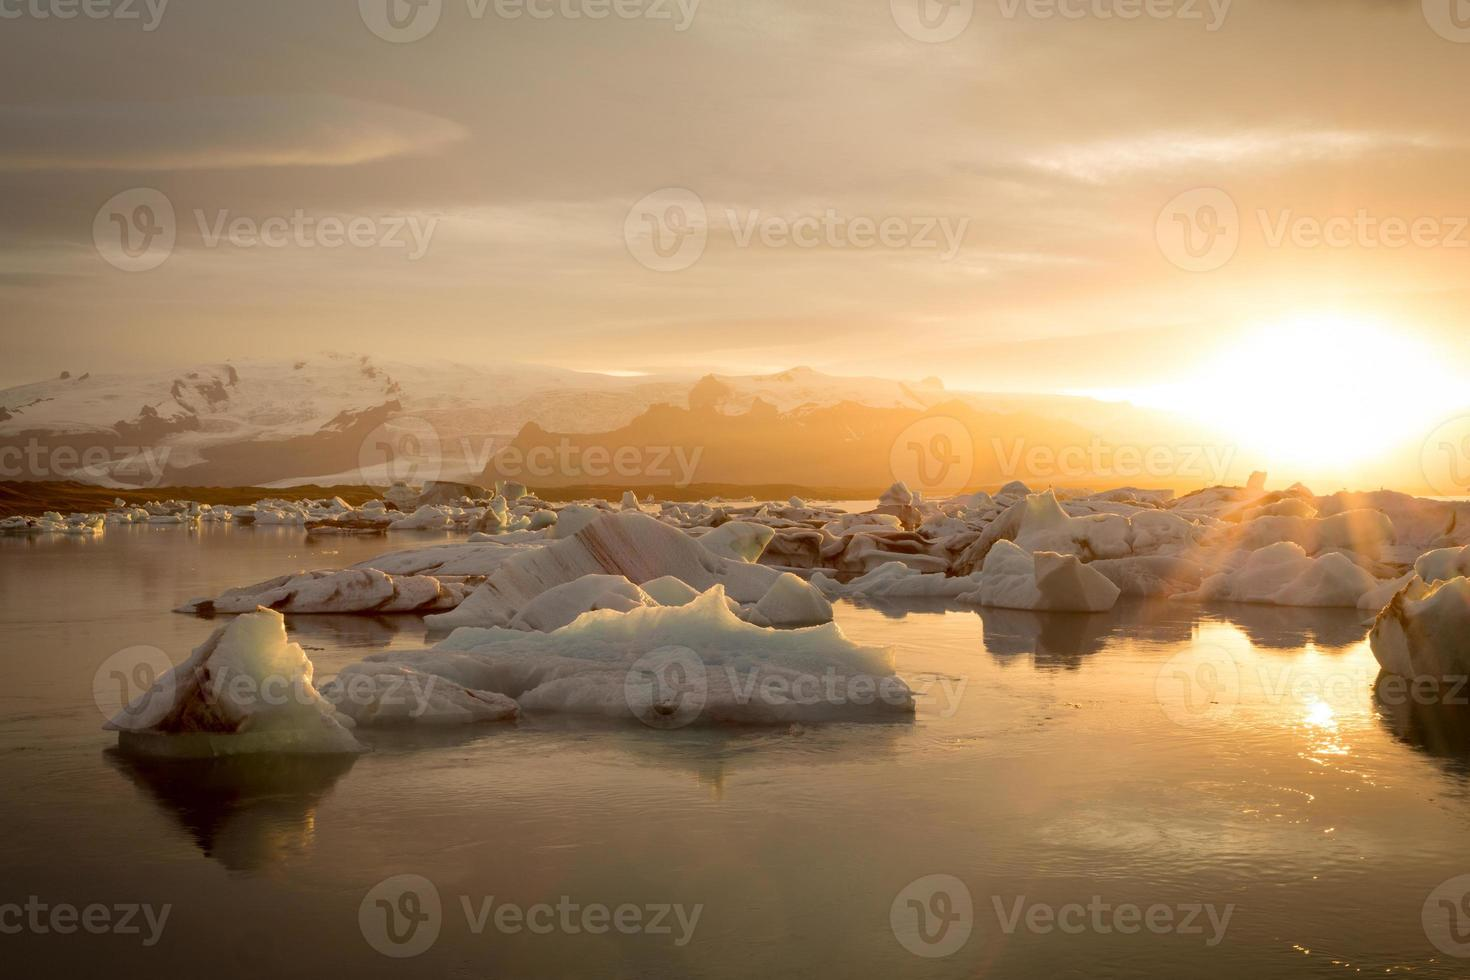 Iceland, Jokulsarlon Glacier Lagoon at sunset photo